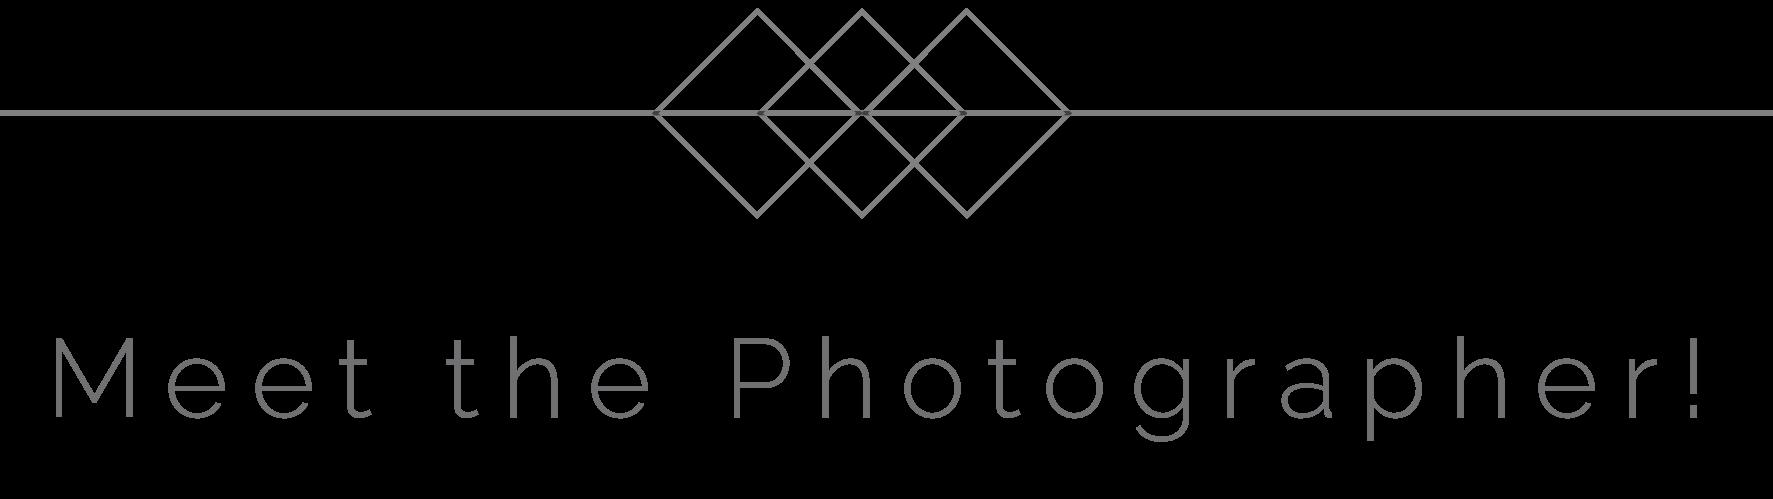 meetthephotographer.png